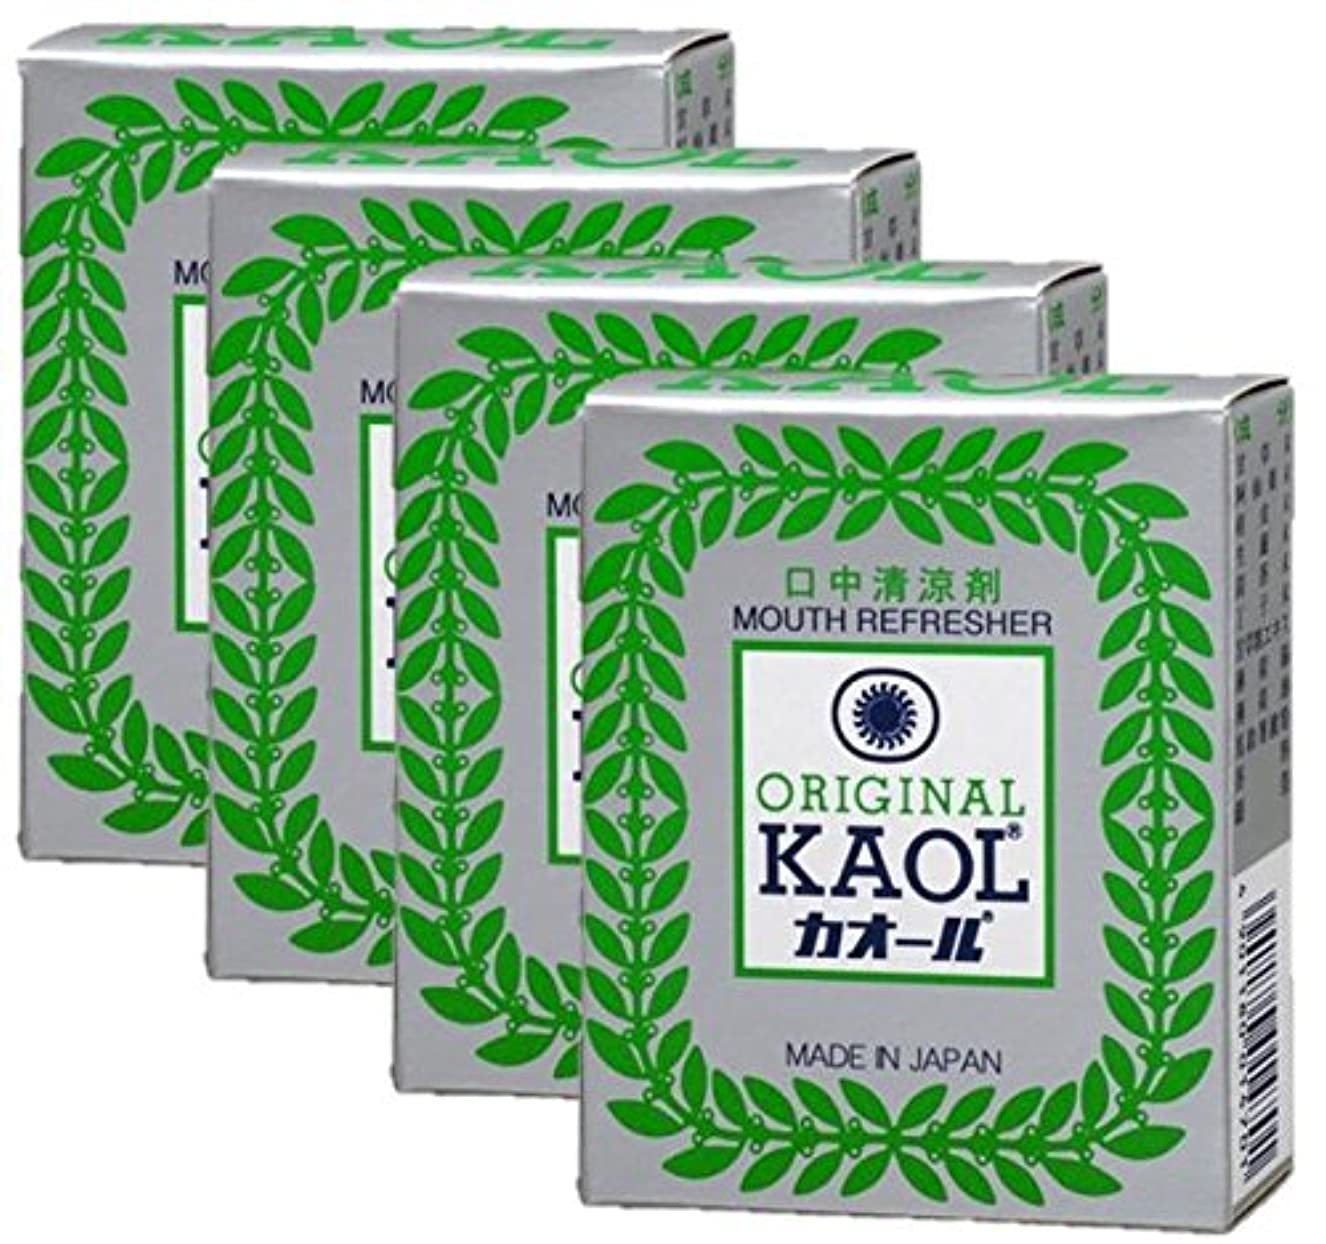 財布列挙する卒業記念アルバム口中清涼剤 オリヂナル カオール 14.5g×4個セット